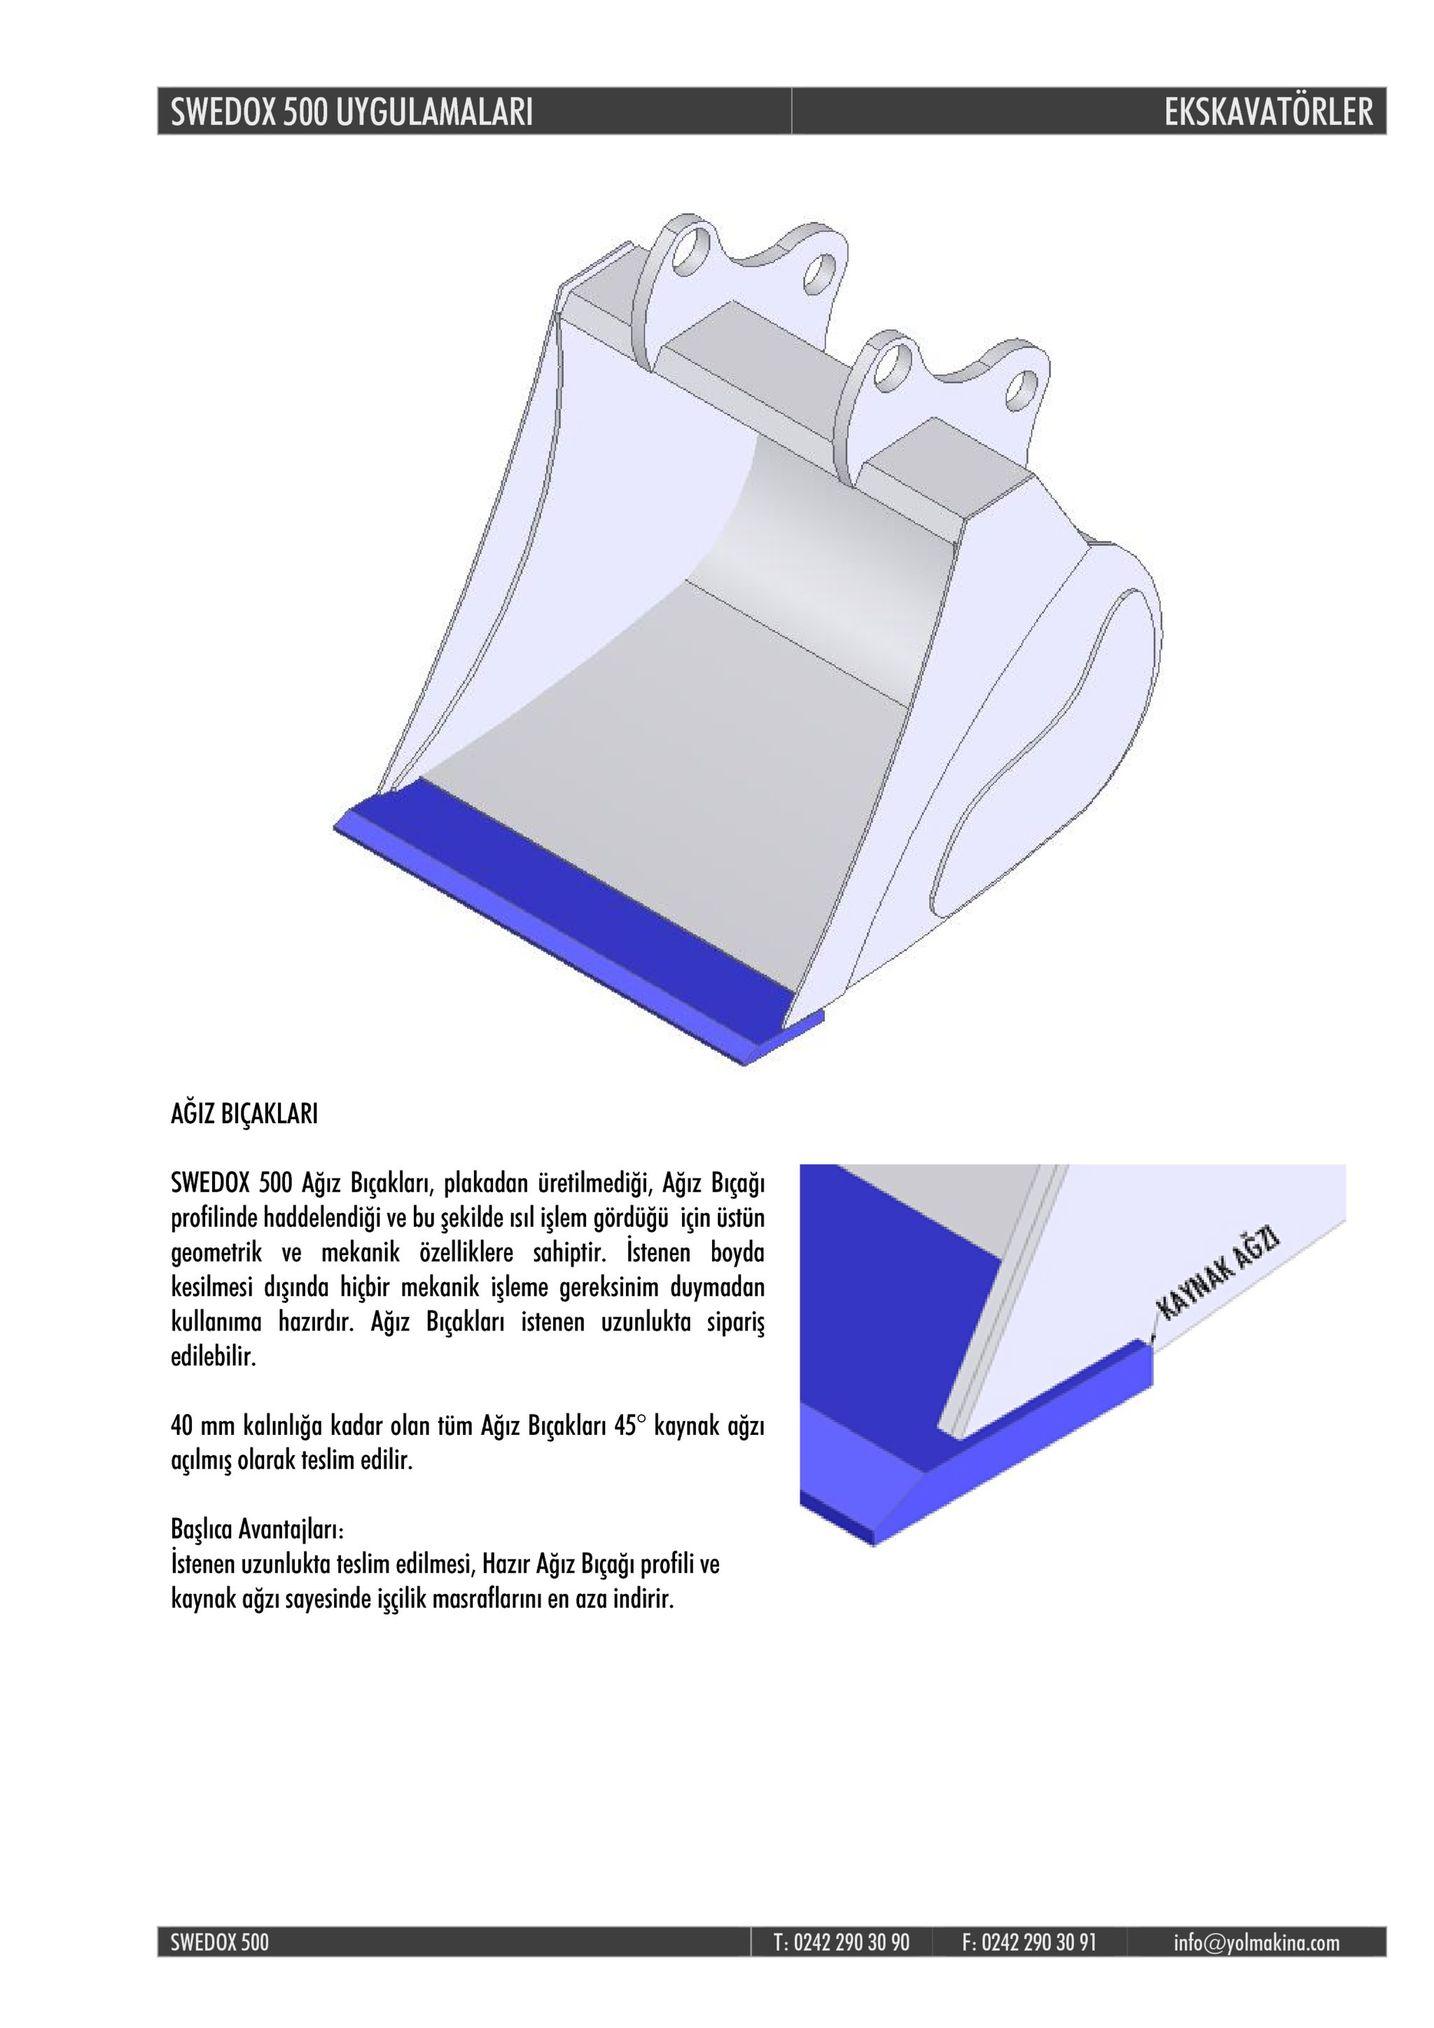 swedox 500 uygulamalar ekskavatorler agiz biçaklari swedox 500 ağız bıçakları, plakadan üretilmediği, ağiz biçaği profilinde haddelendiği ve bu şekilde isıl işlem gördüğü için üstün geometrik ve mekanik özelliklere sahiptir. istenen boyda kesilmesi dsşında hicbir mekanik işleme gereksinim duymadan kullanima hazırdır. ağız biçakları istenen uzunlukta sipariş edilebilir. 40 mm kalınlıiğa kadar olanüm ağiz biçakları 45° kaynak ağzı aulmiş olarak teslim edilir. başlıca avantajları: istenen uzunlukta teslim edilmesi, hazır ağiz biçaği profili ve kaynak ağzı sayesinde işgilik masraflar ini en aza indirir. swedox 500 t: 0242 290 30 90 f: 0242 290 30 91 info @volmaking.com